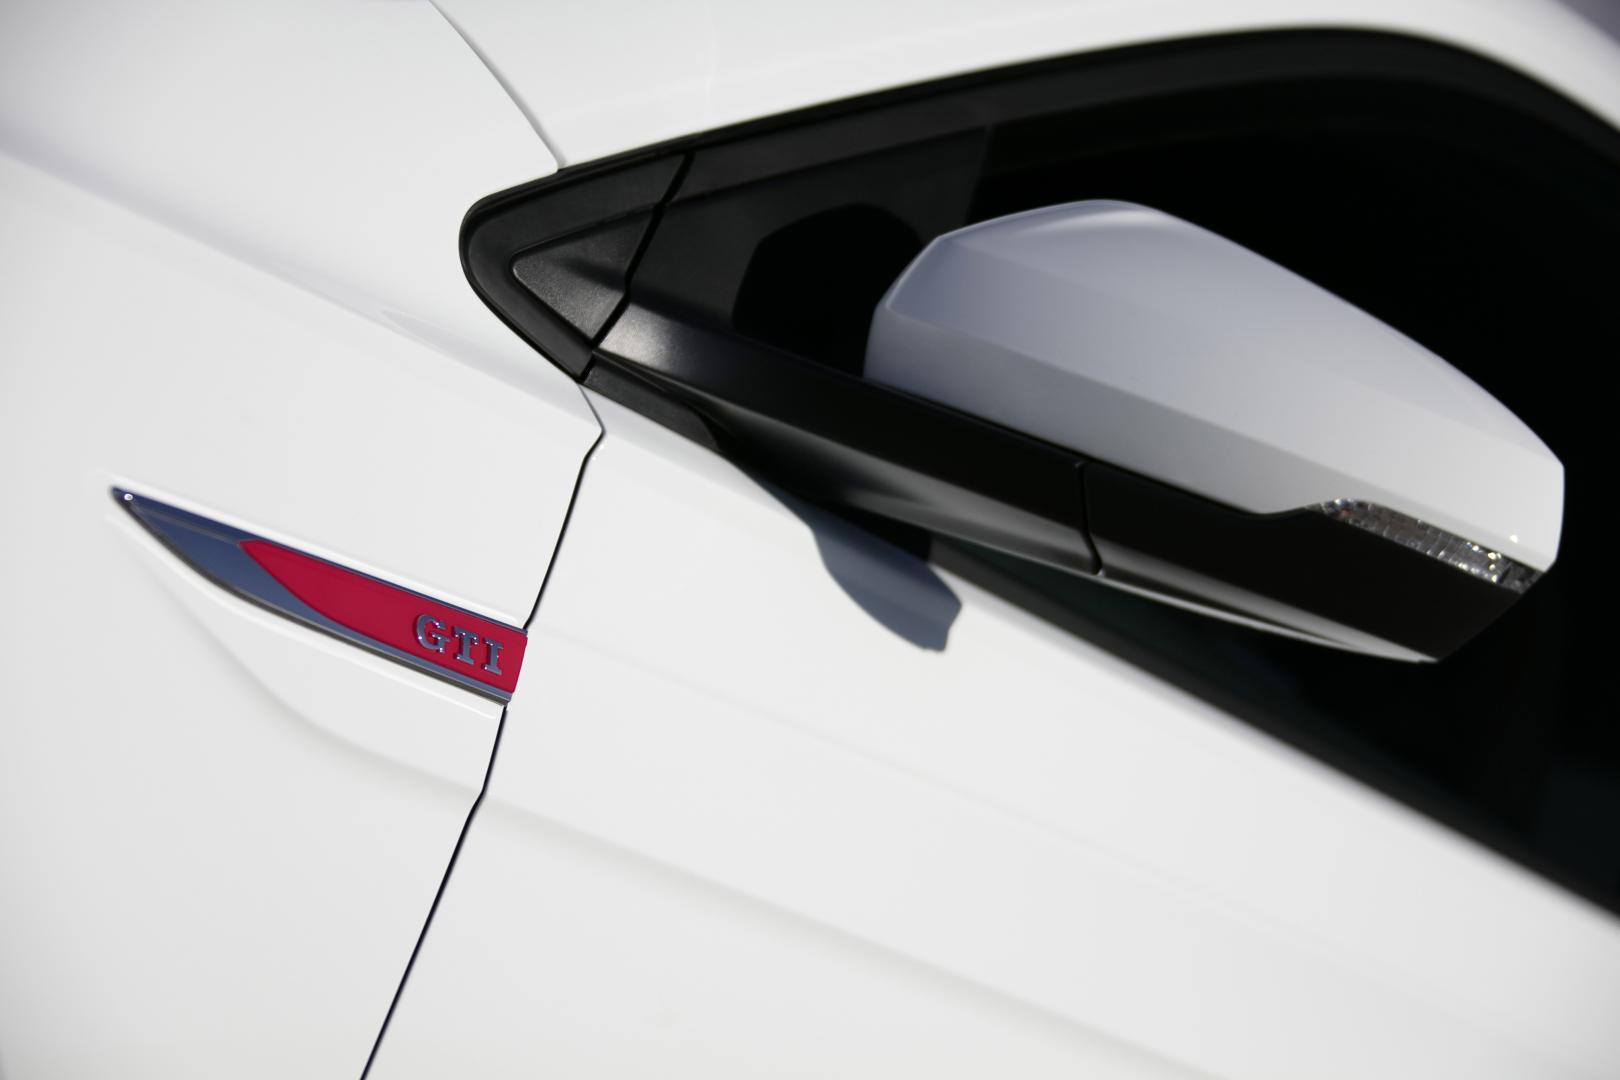 zijspiegel buitenspiegel Volkswagen Polo GTI en badge